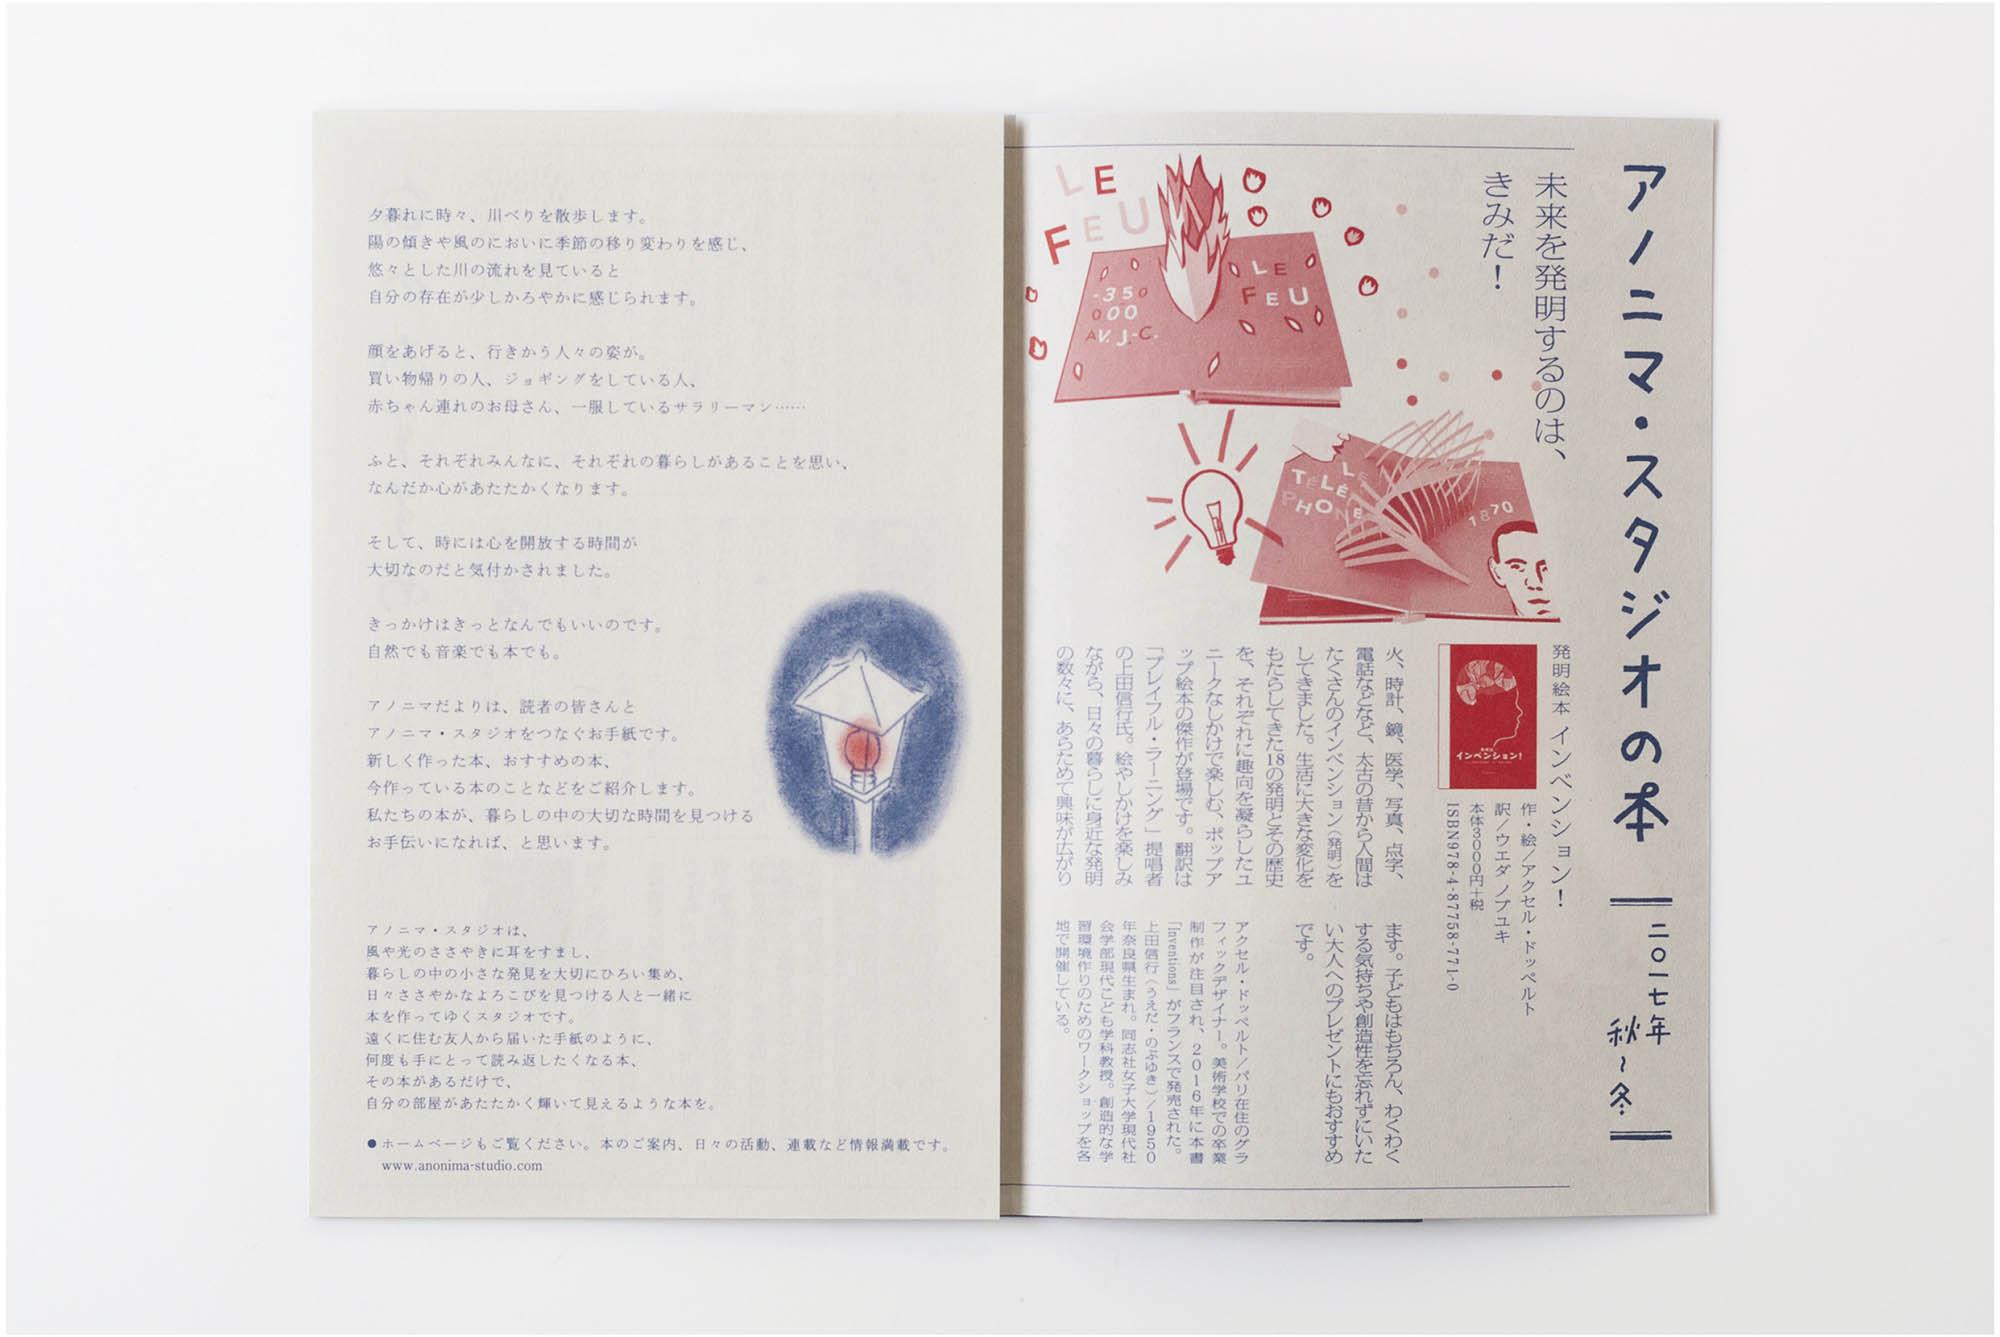 アノニマだより vol.27 中面デザイン